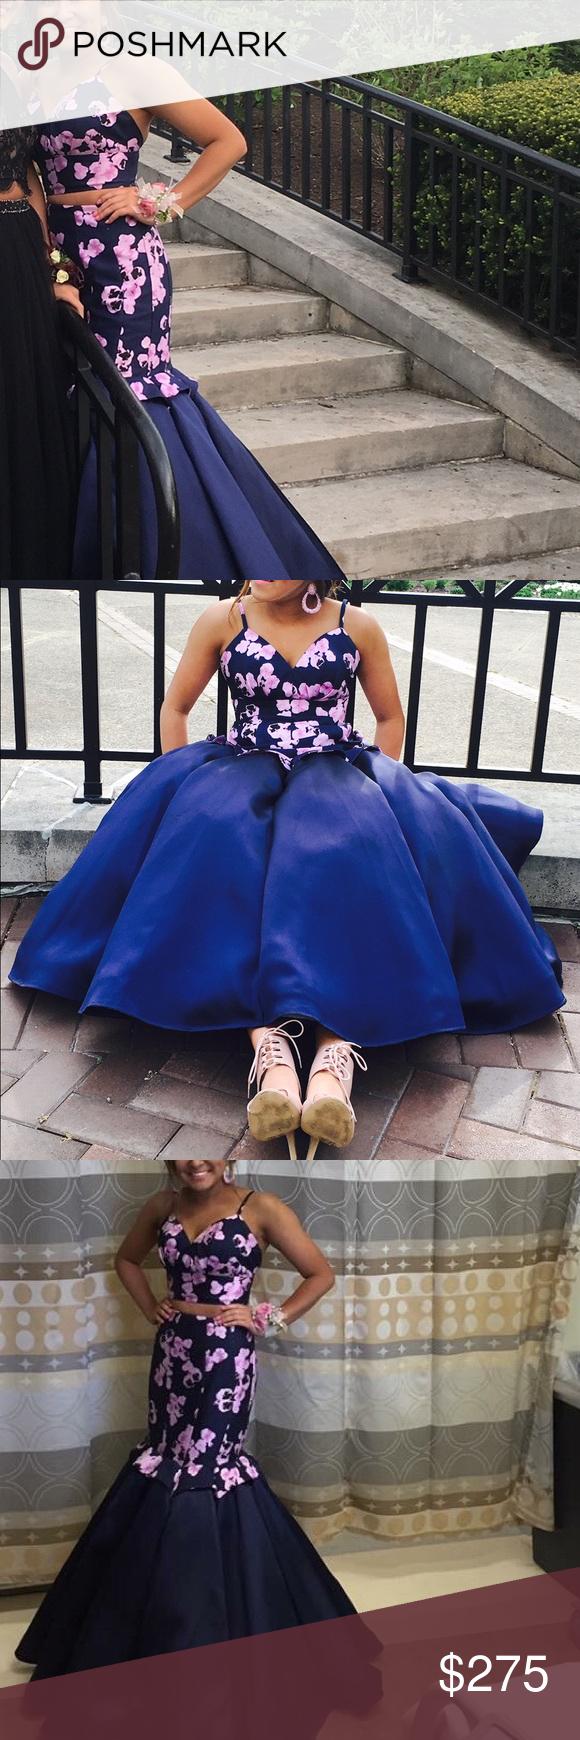 Gorgeous rachel alan prom dress rachel alan floral mermaid style